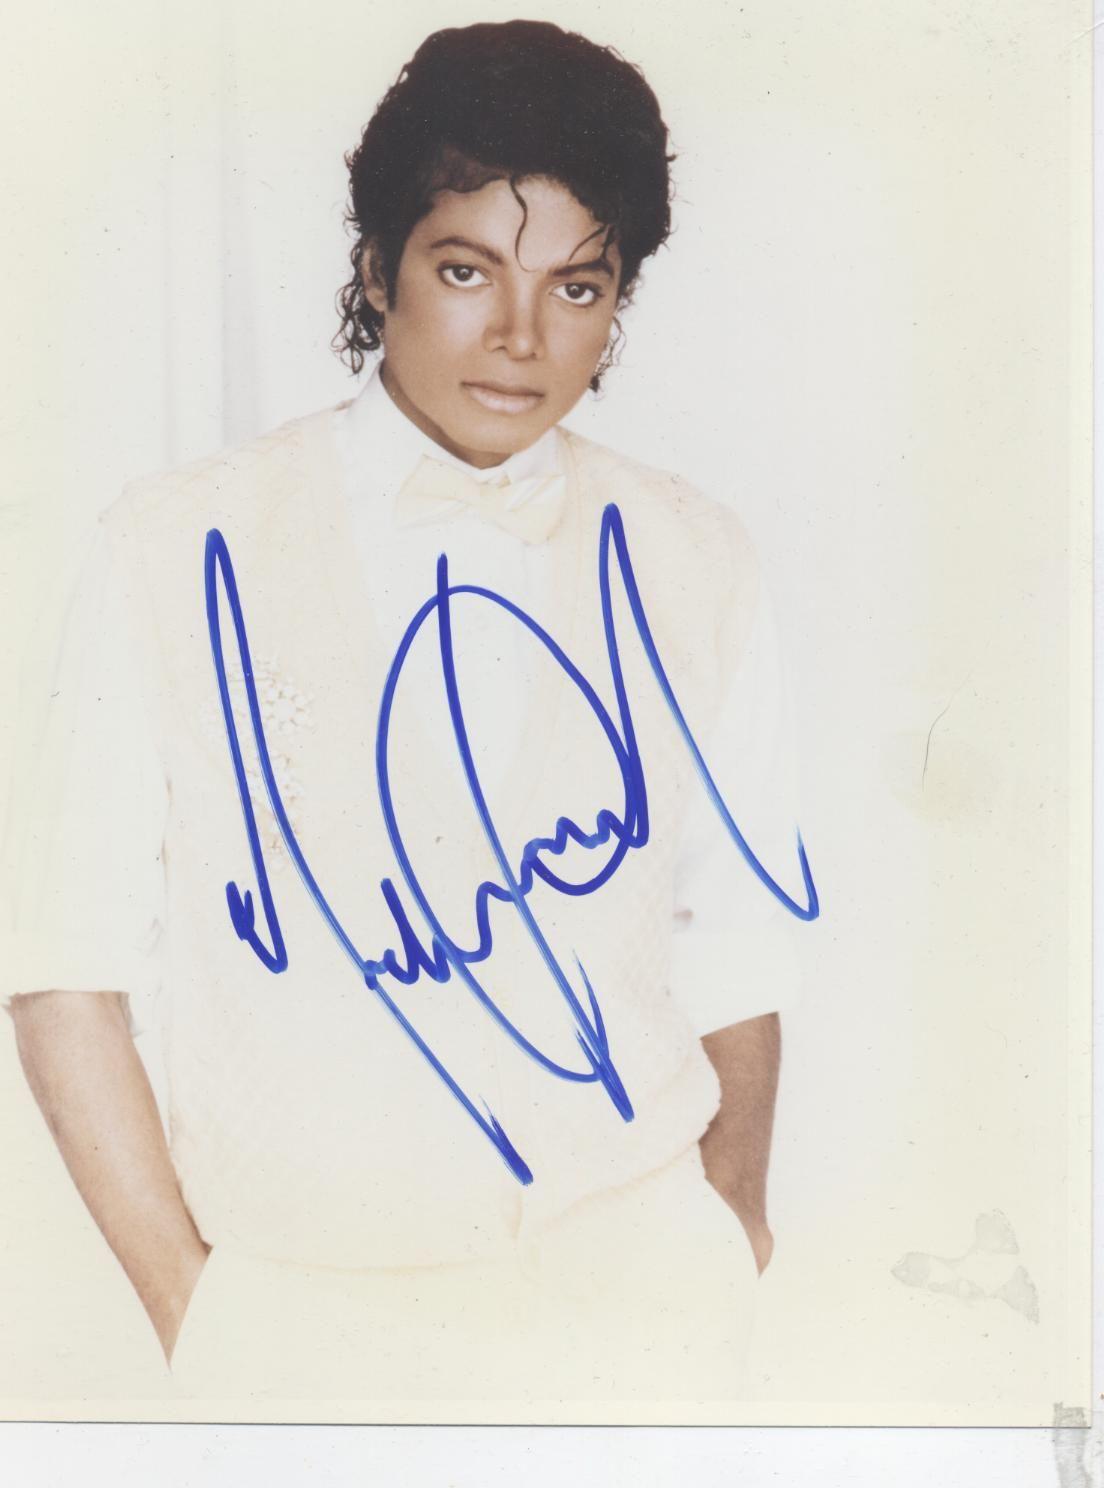 Фото автограф майкла джексона